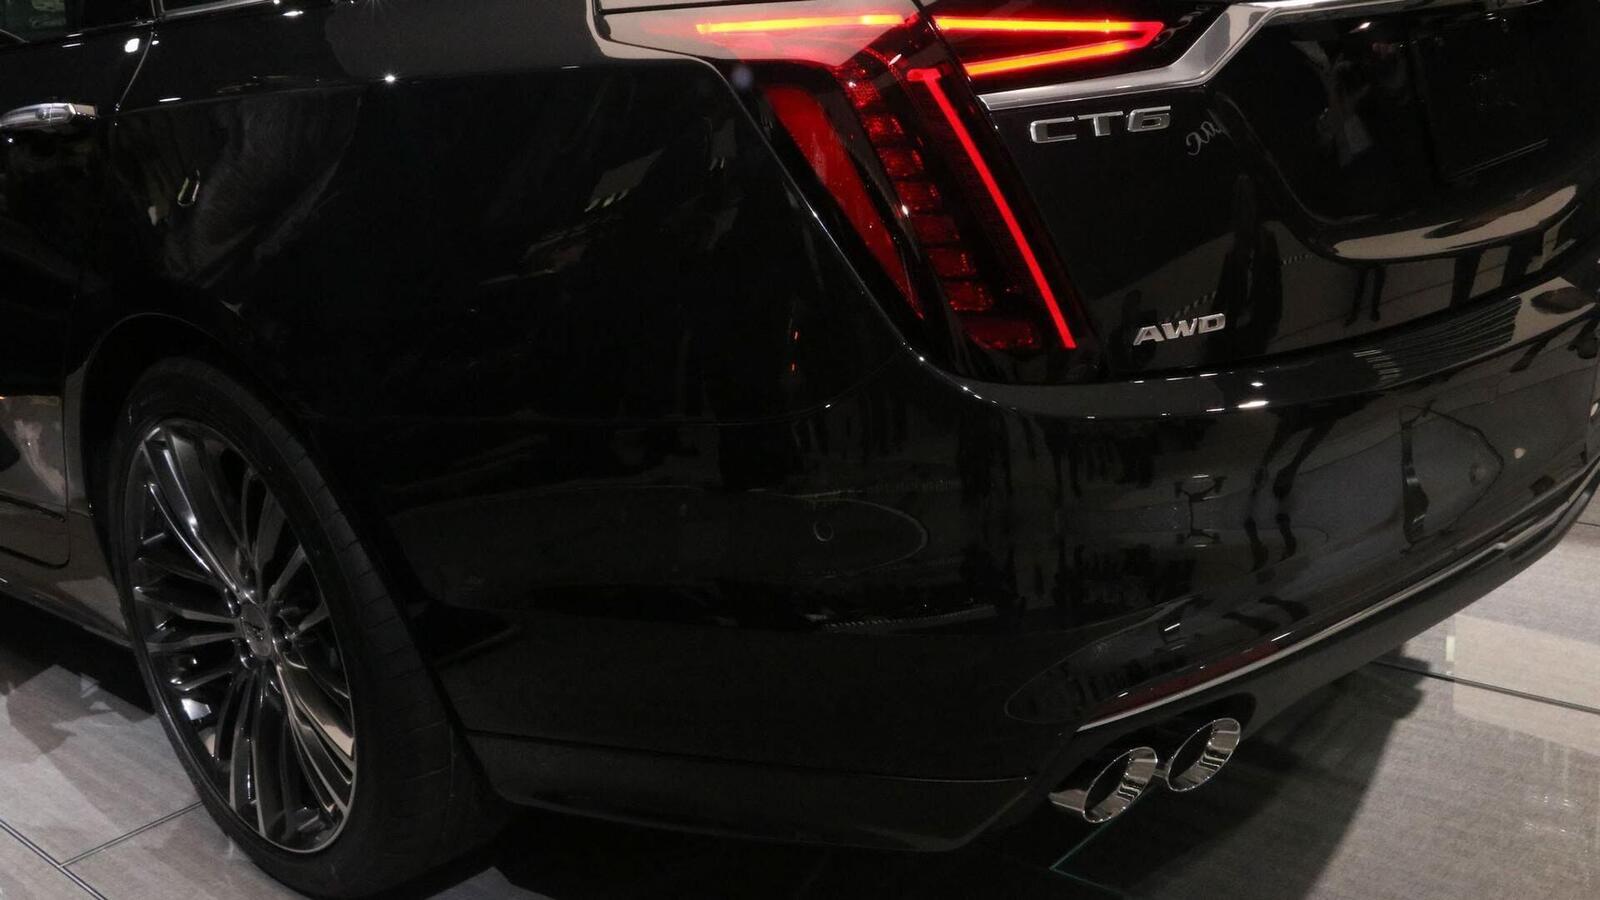 Cadillac mang CT6 V-Sport 2019 đến triển lãm ô tô New York 2018 - Hình 9